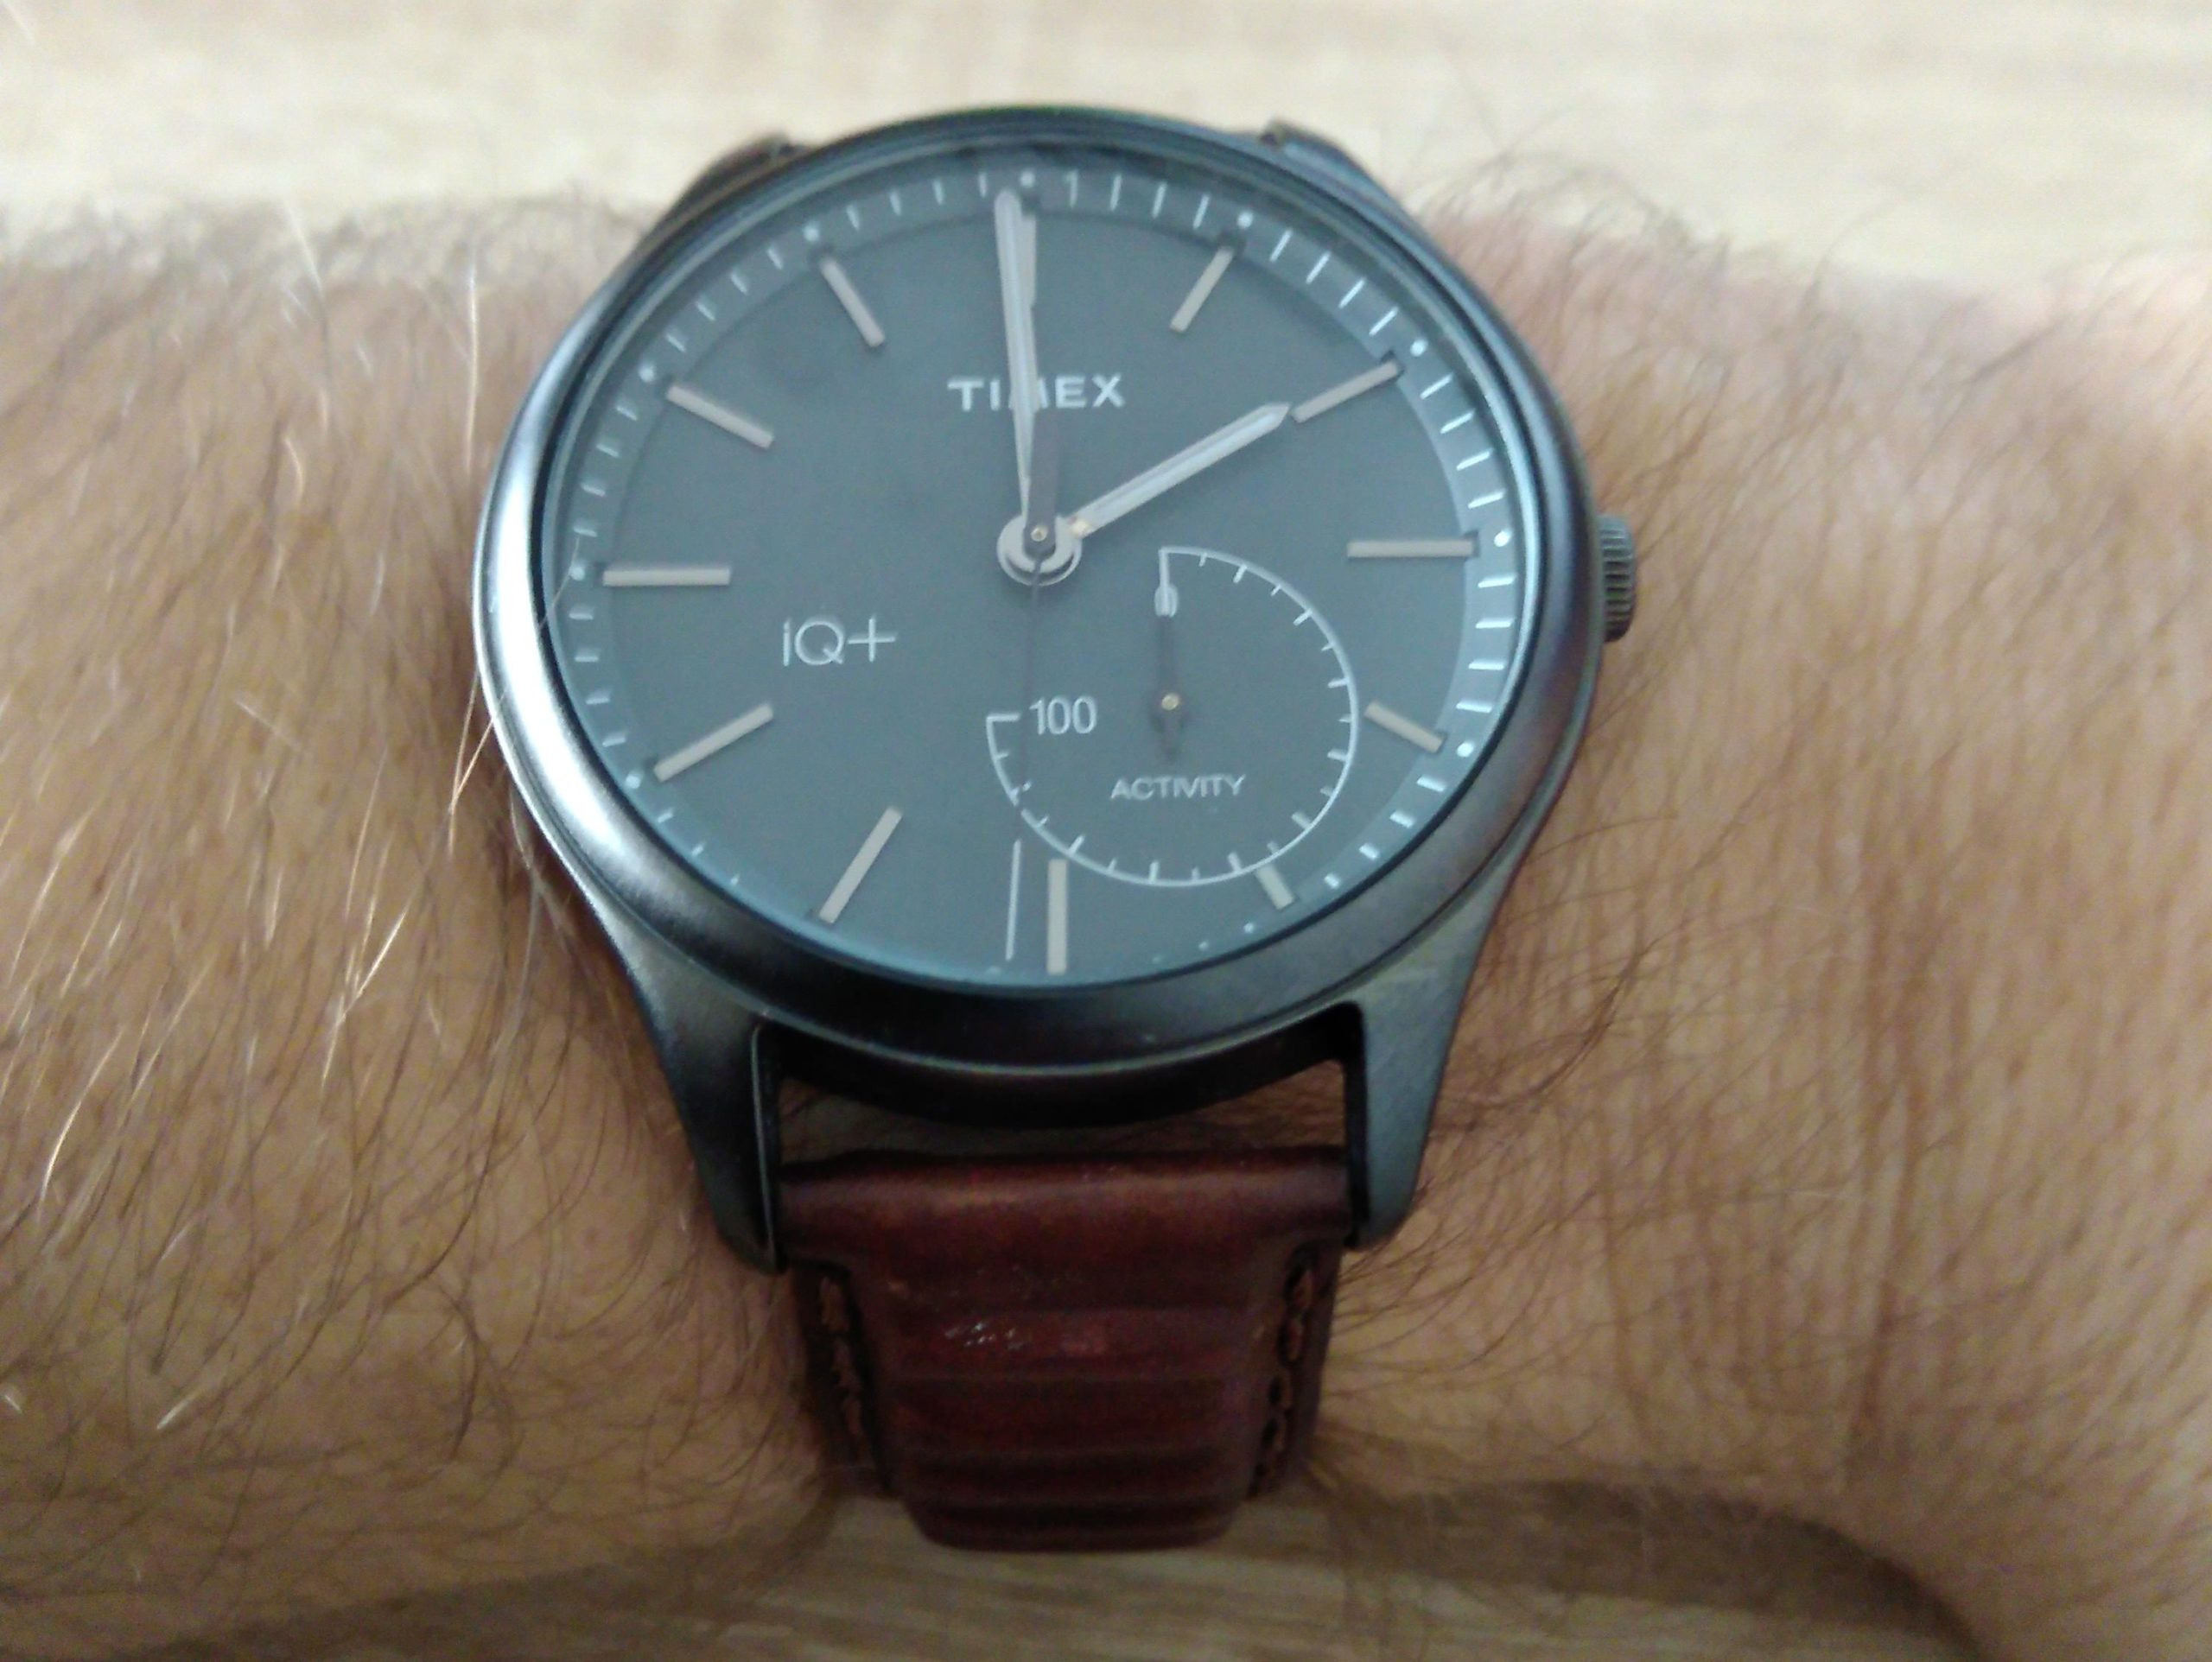 Timex IQ + okosóra